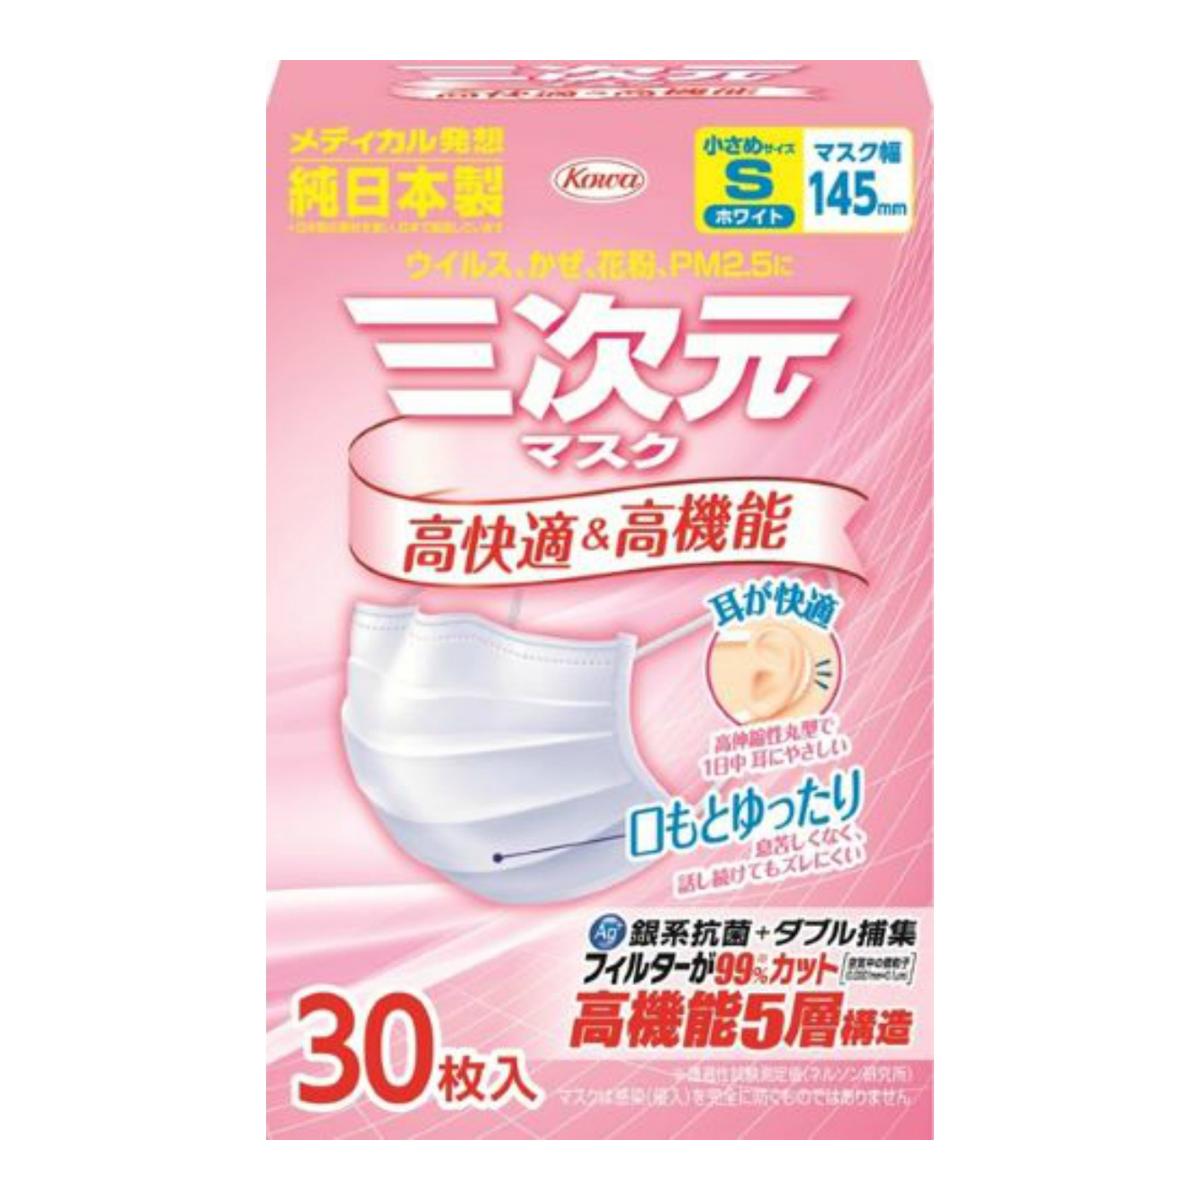 【送料込・まとめ買い×020】三次元マスク Sサイズ ホワイト 30枚 ×020点セット(4987067435104)